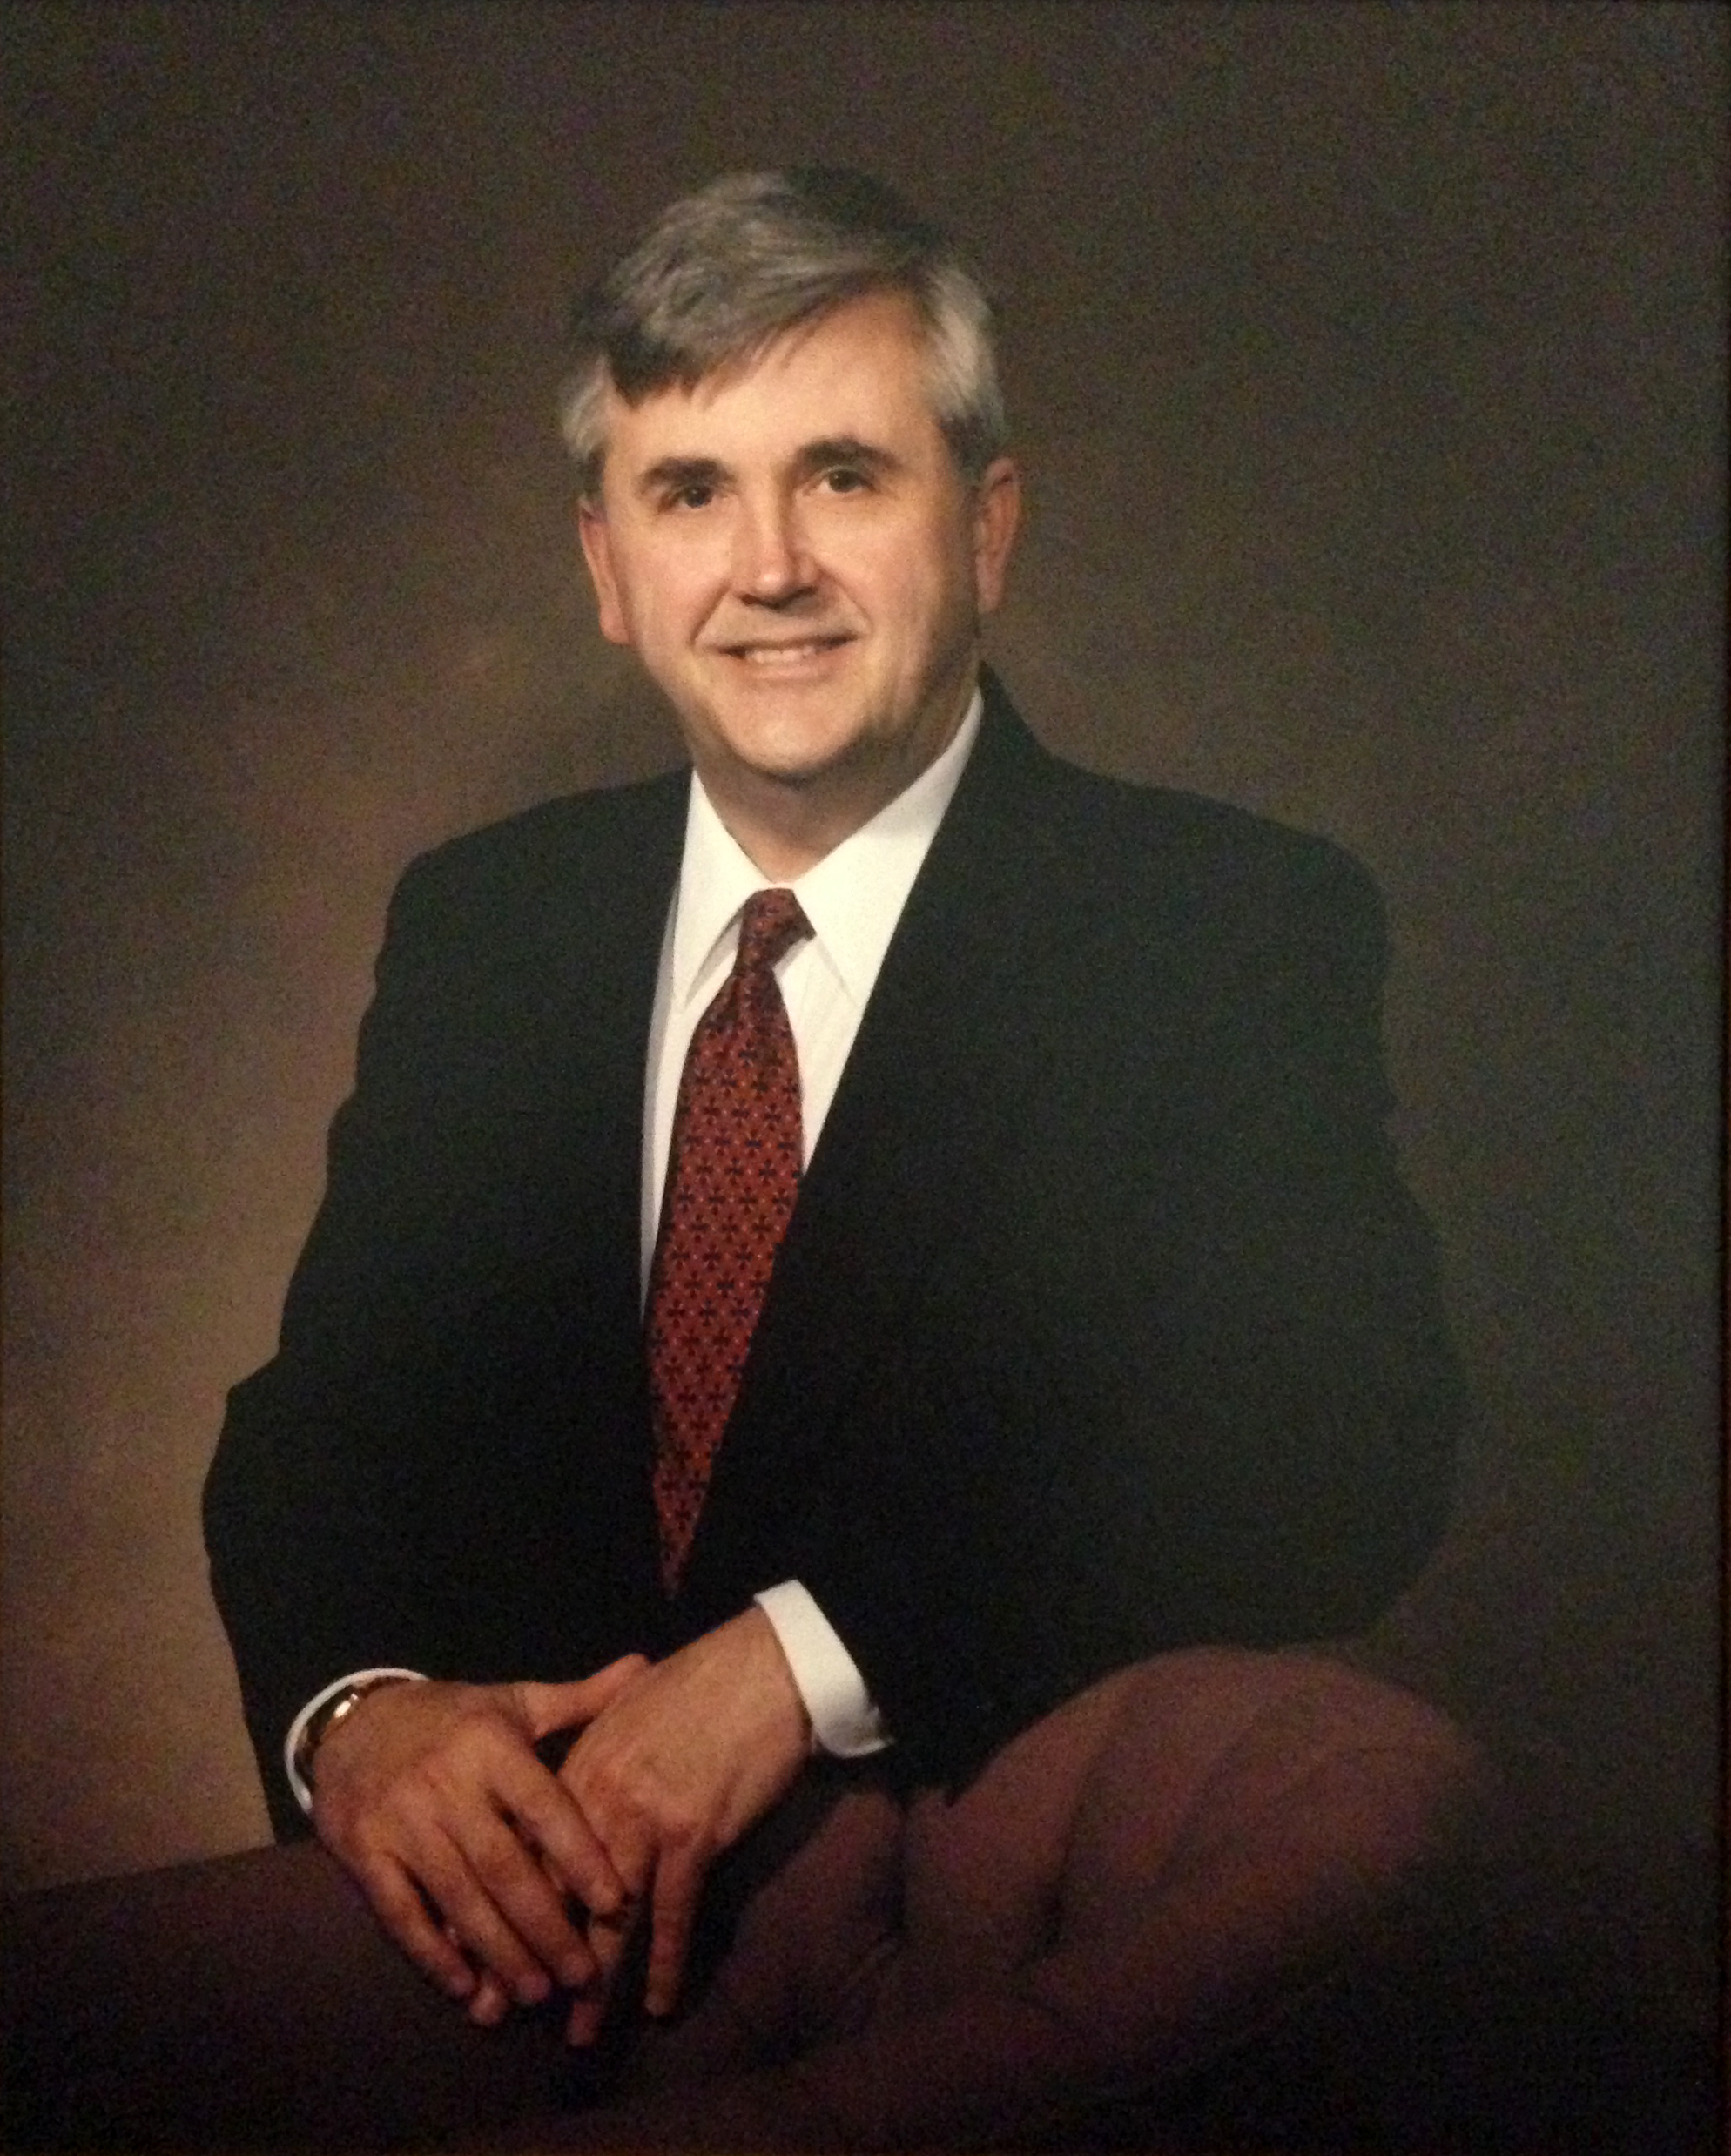 Jack Viega. Interim Dean 1991-1992.